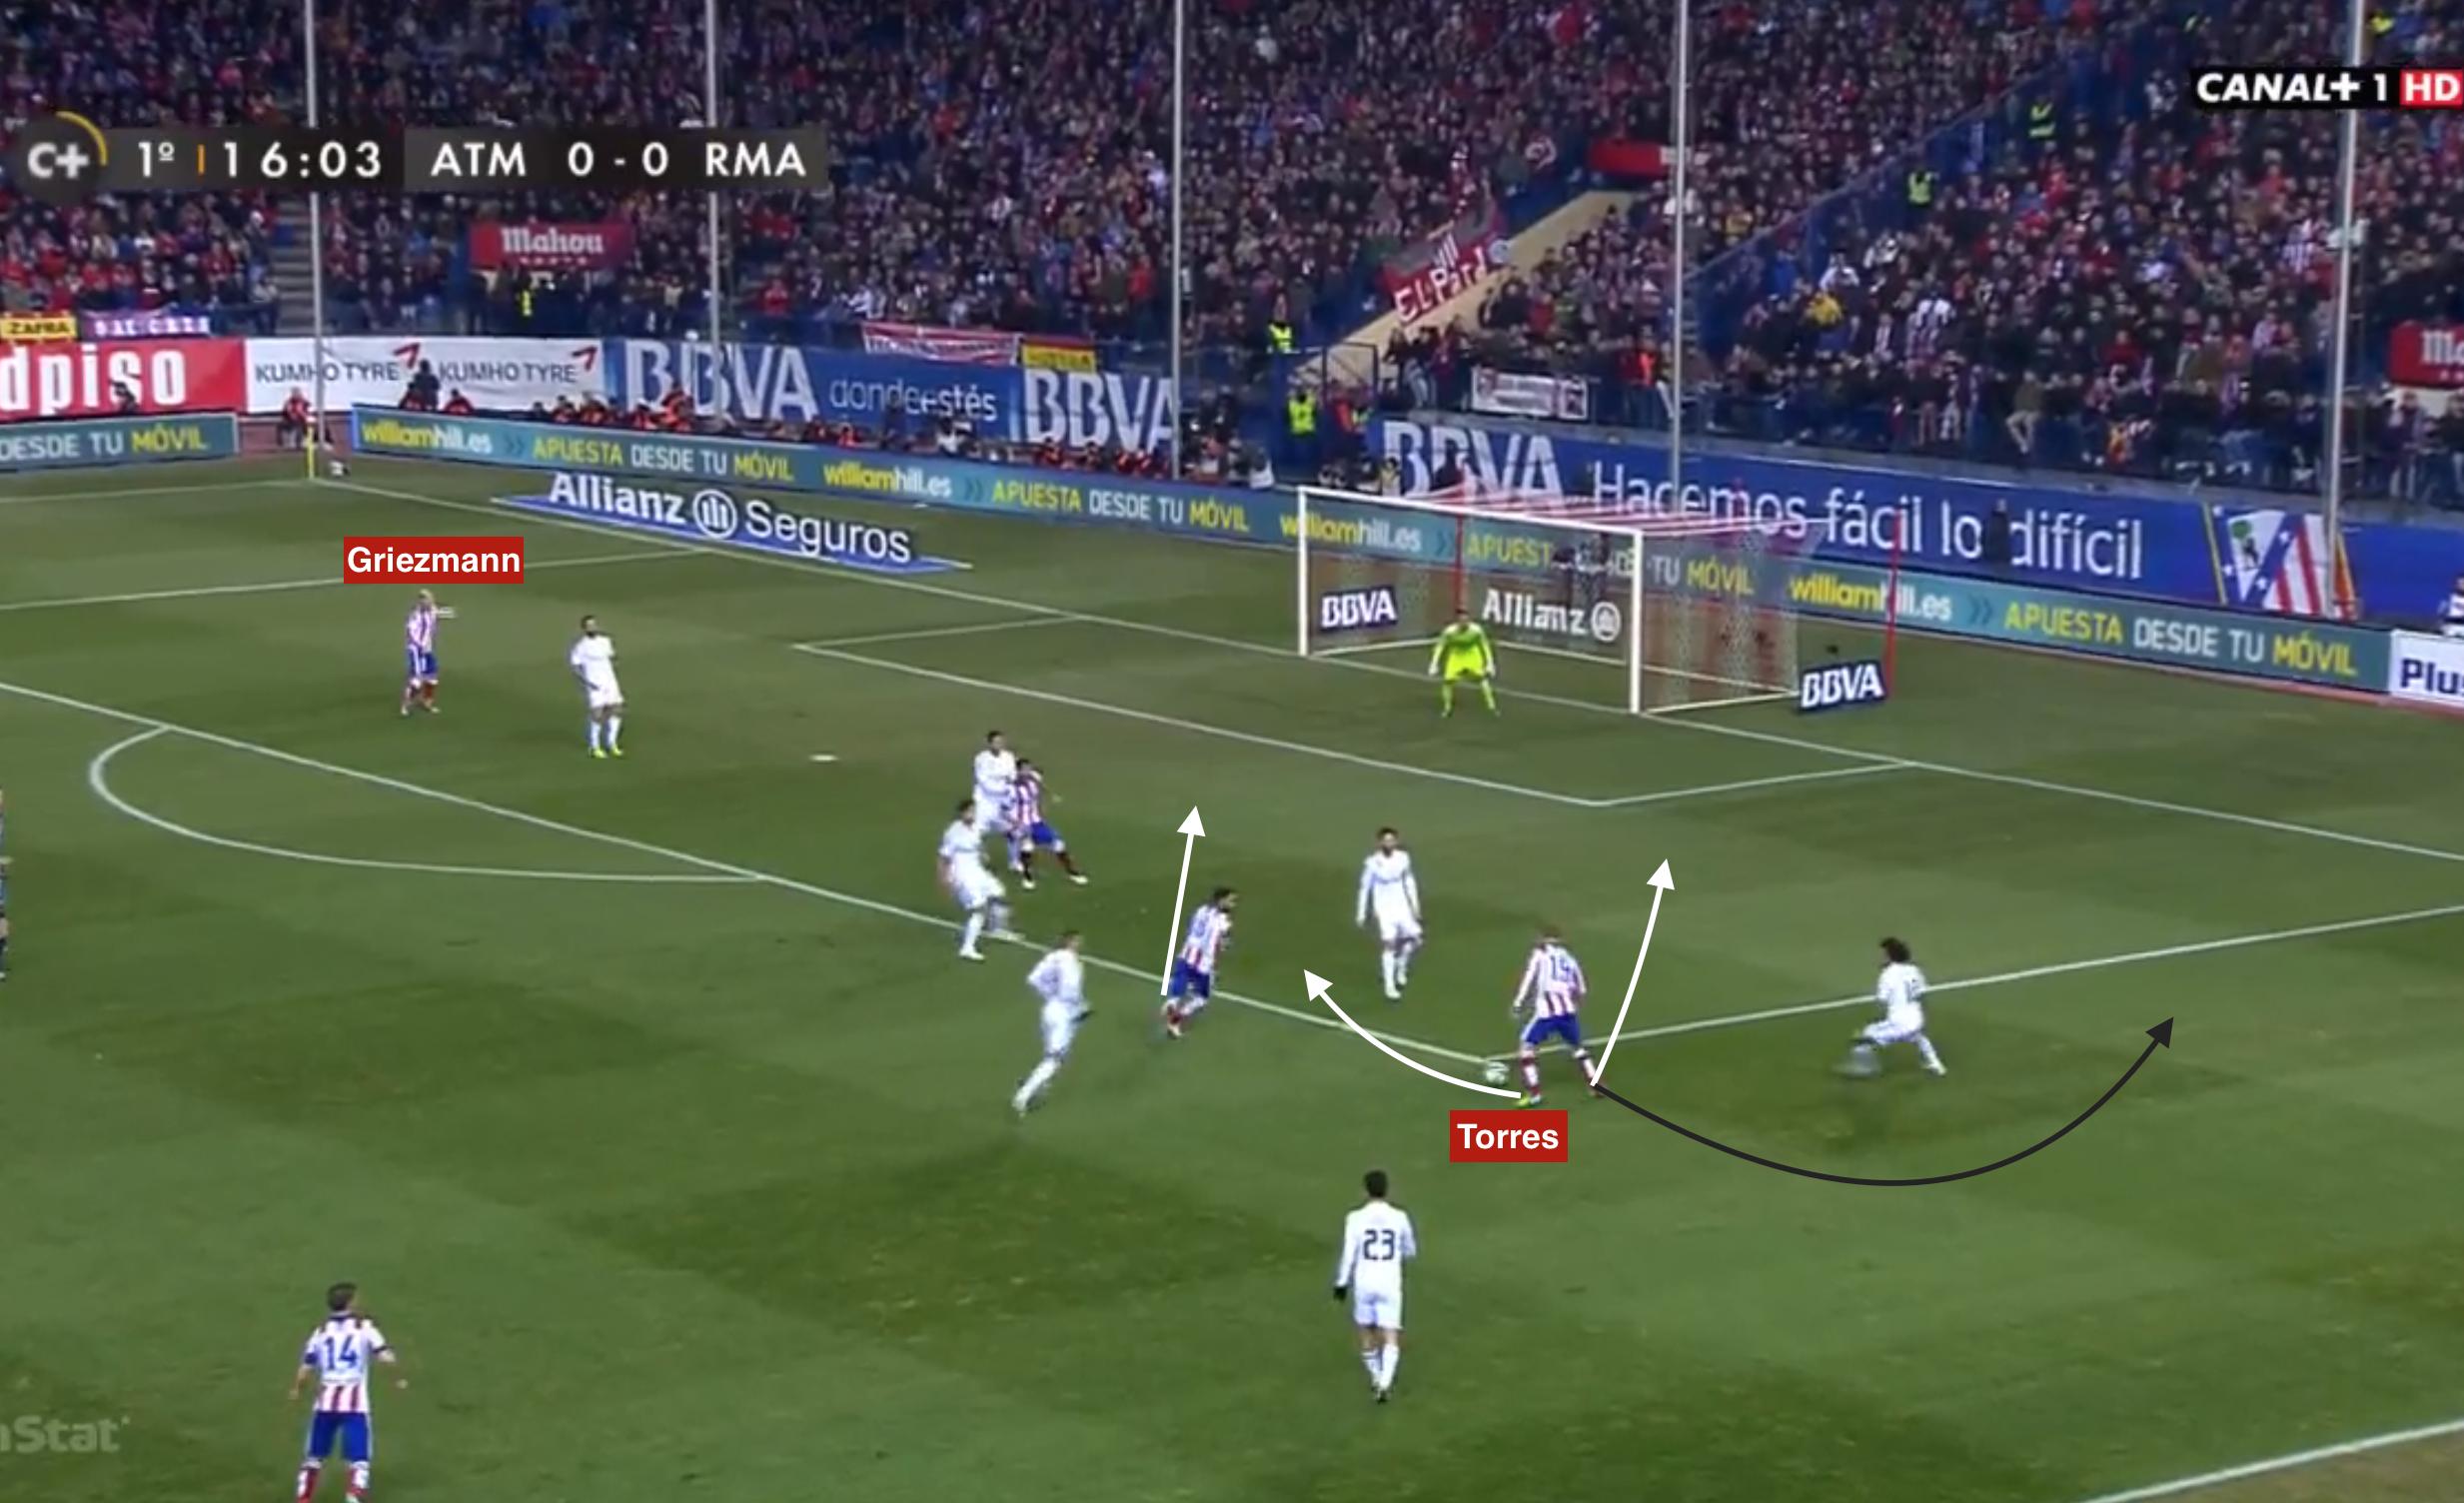 Ein weitere gute Staffelung und er Garcia den Strafraum besetzt und Torres zum Flügel tendiert. Hier hat er jetzt viele Möglichkeiten, entscheidet sich aber für die schlechteste (schwarzer Pfeil). Folge: Ballverlust.